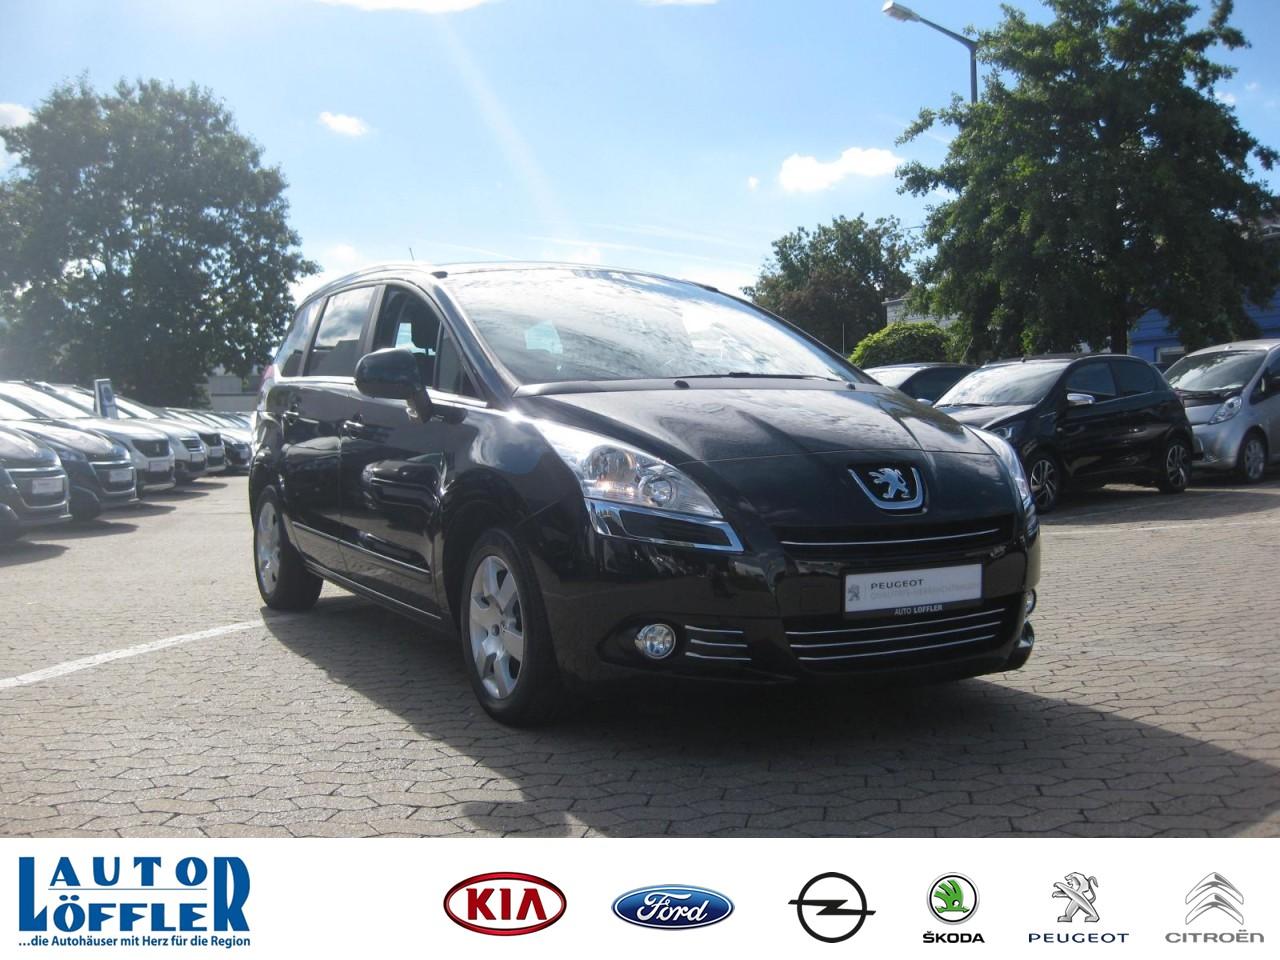 Peugeot 5008 FAMILY HDI AHK Klima Einparkhilfe, Jahr 2013, Diesel